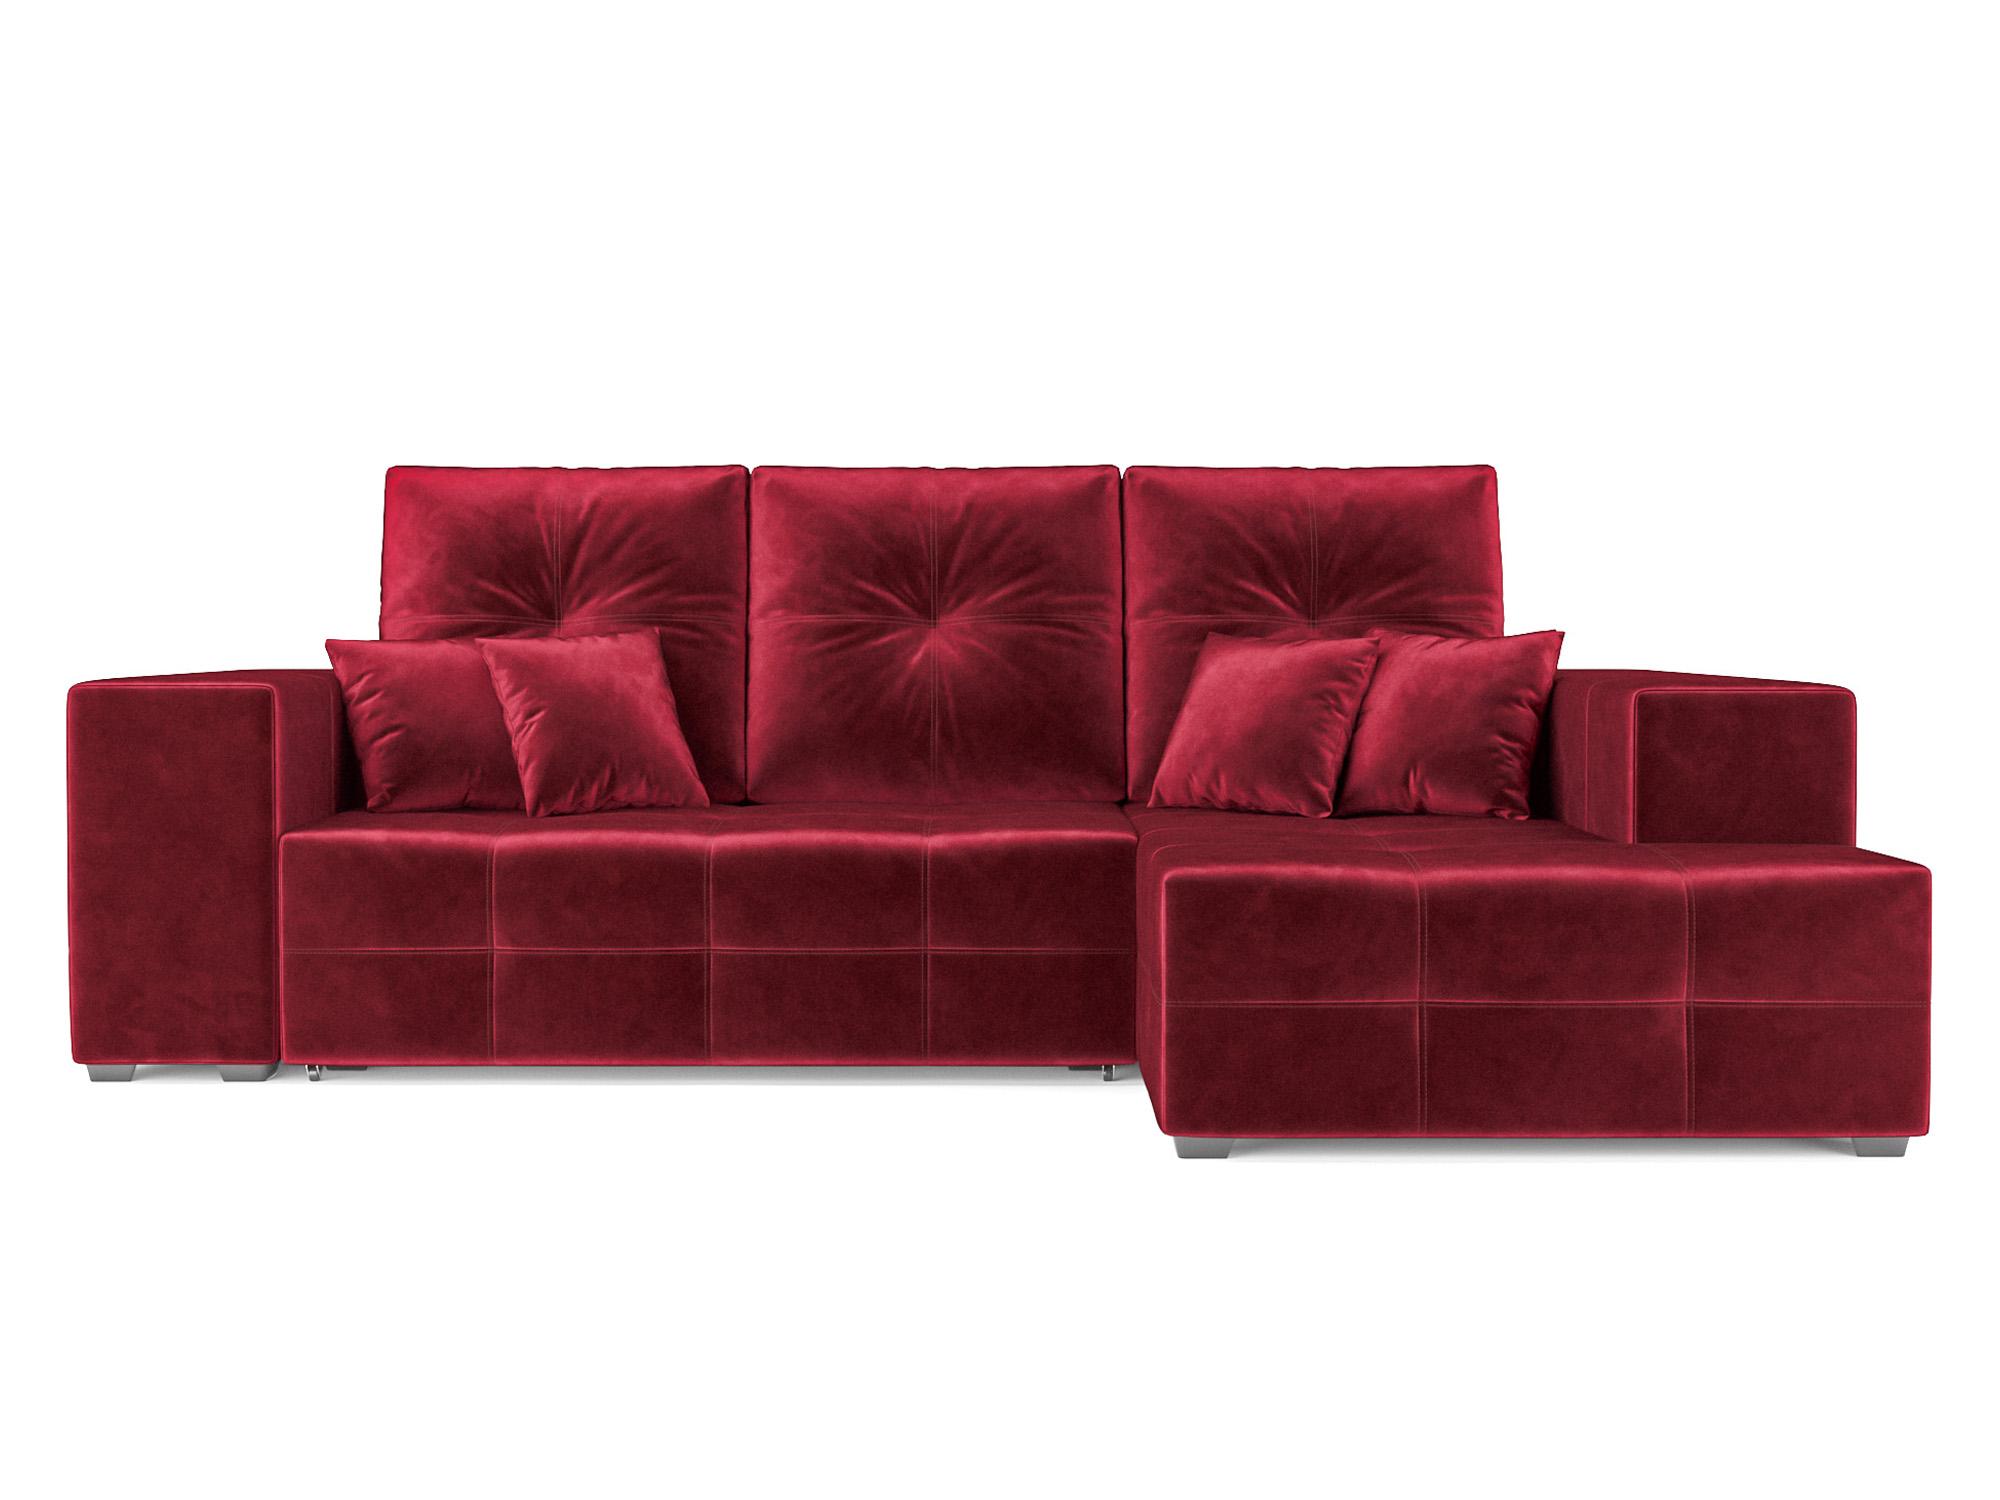 Угловой диван Монреаль Правый угол MebelVia Красный, Вельвет Красный